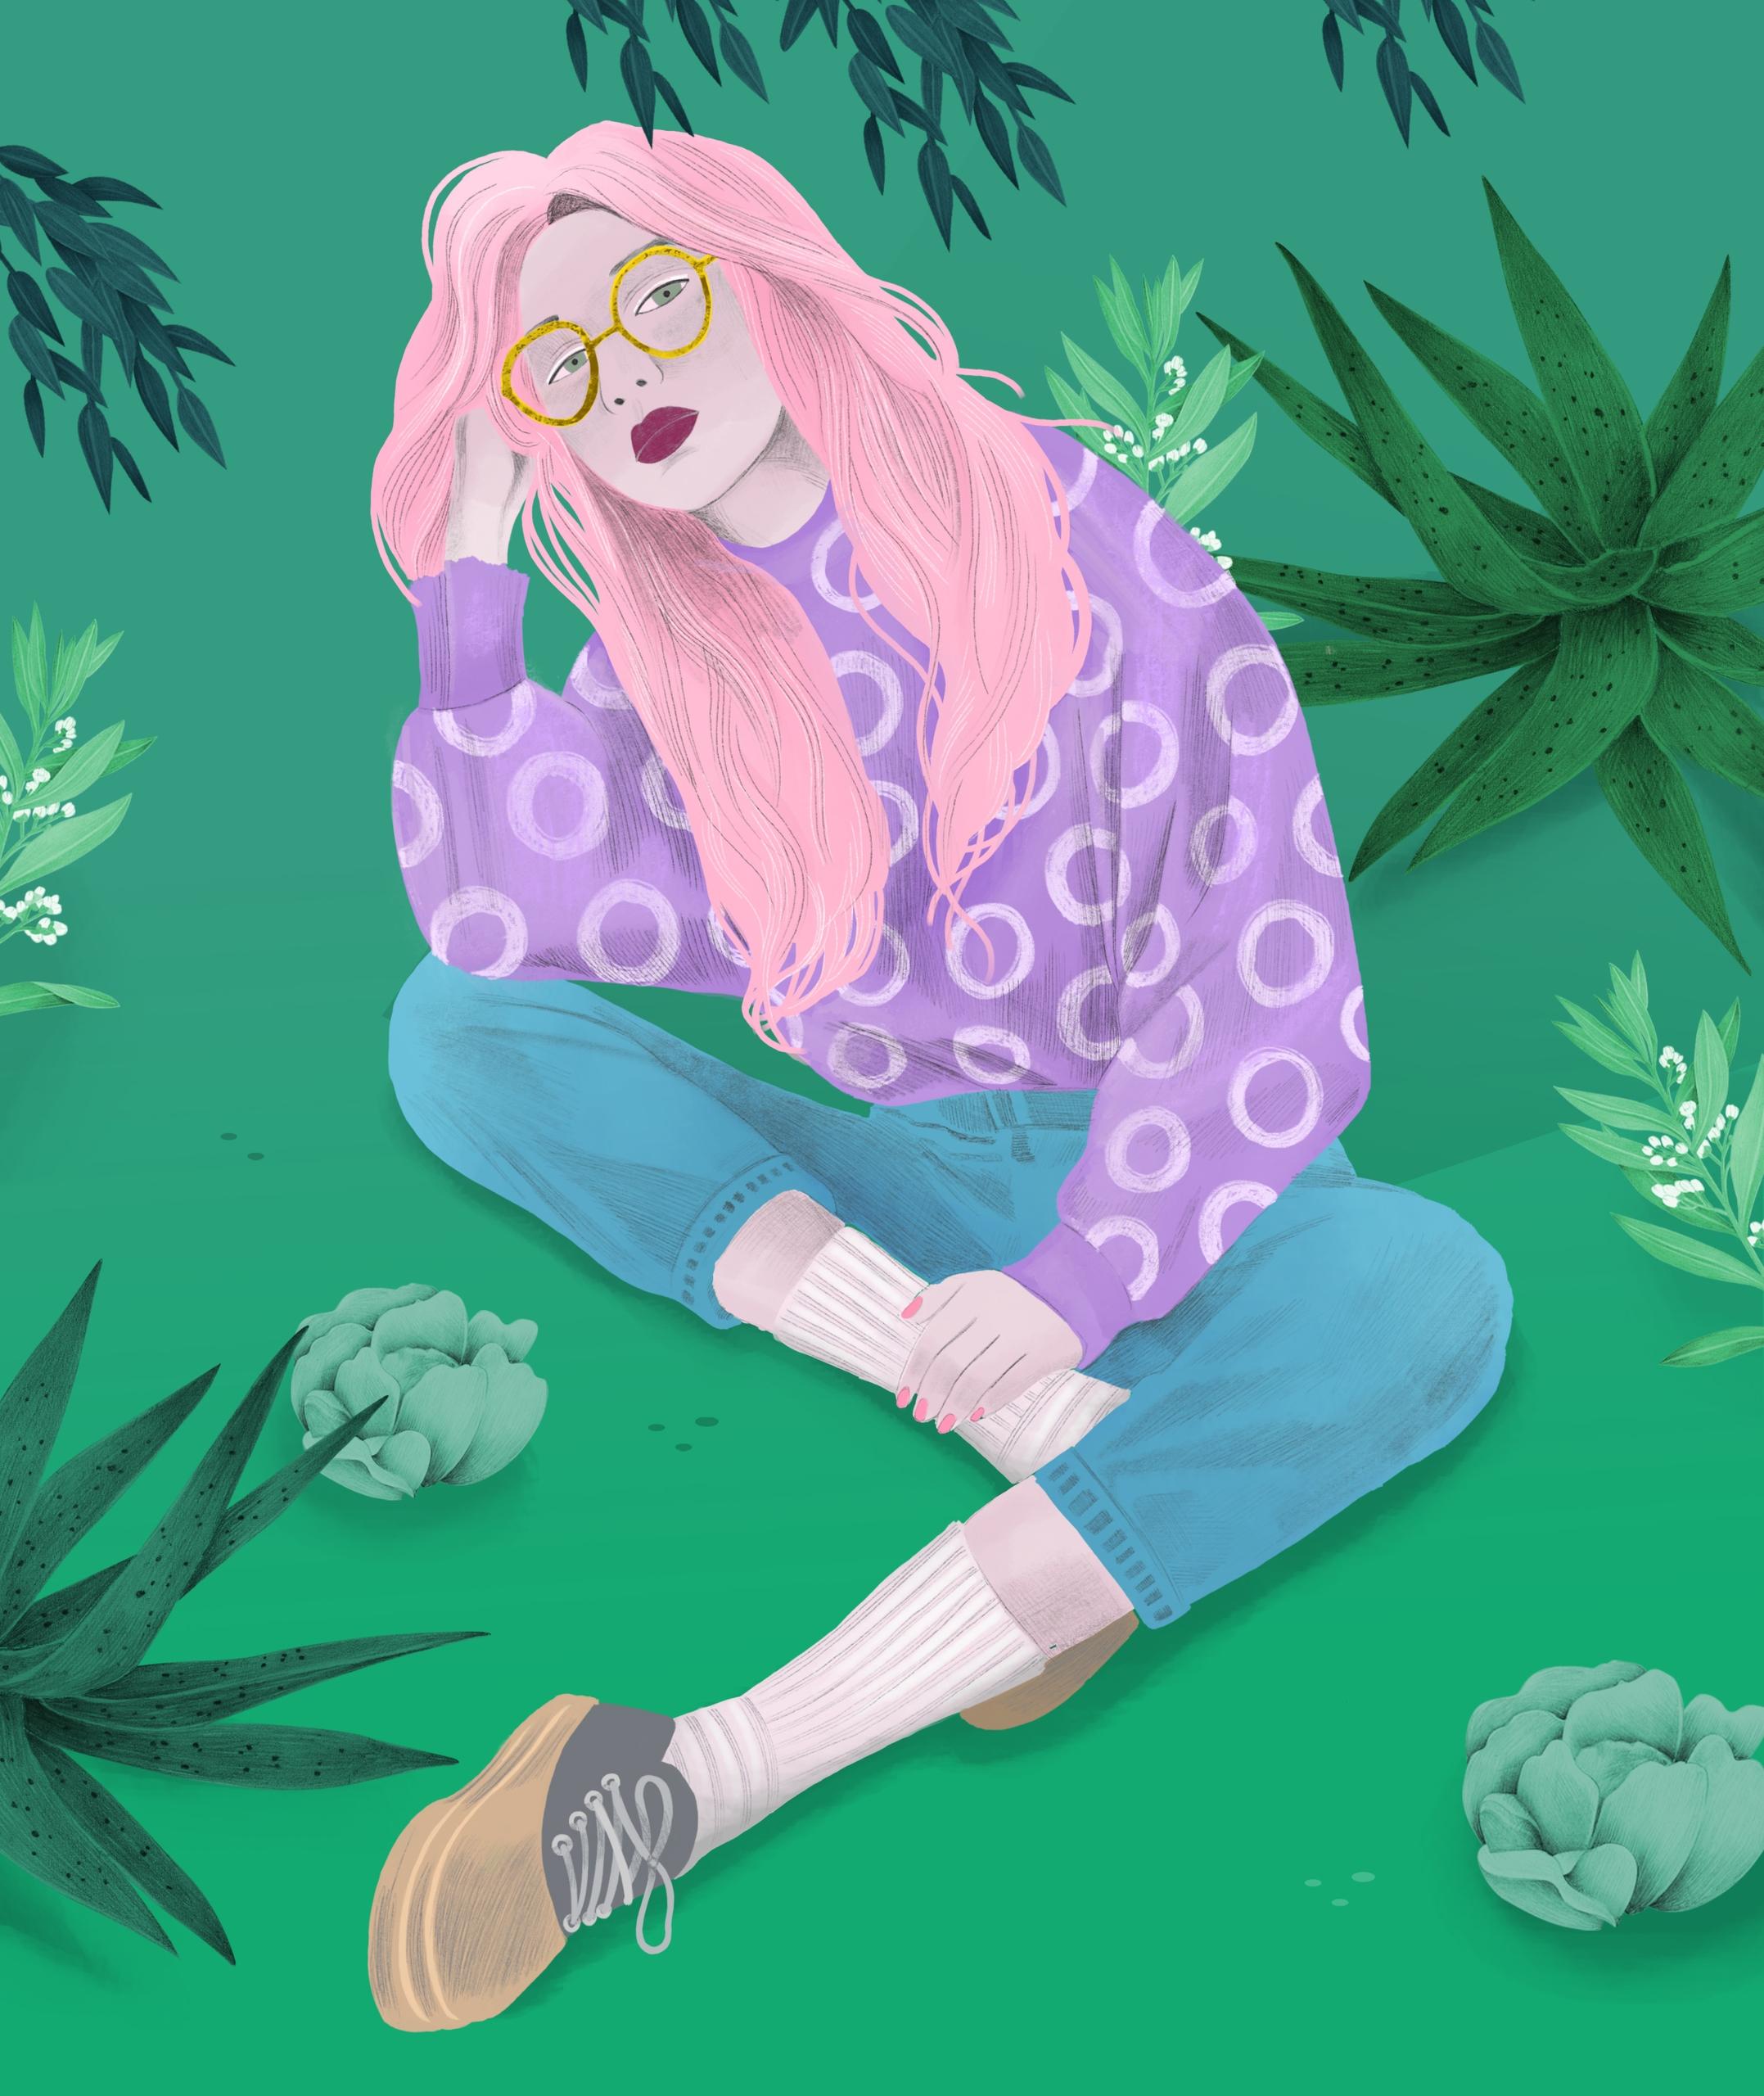 illustration, ipadpro, procreate - jutta-kivilompolo | ello